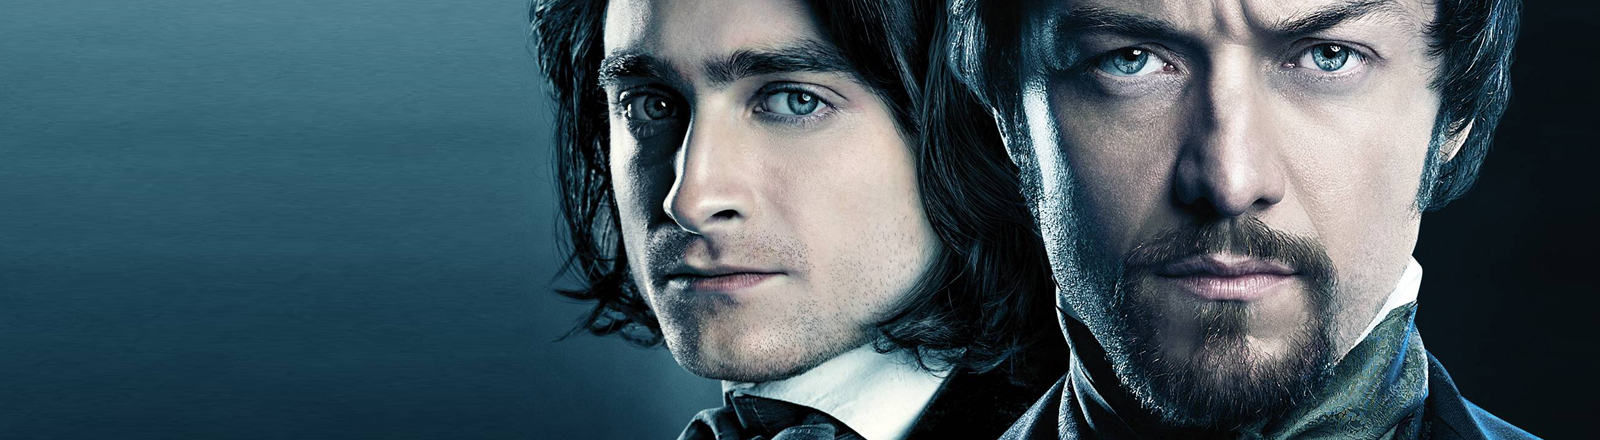 """Das Plakat zum Film """"Victor Frankenstein"""" mit James McAvoy und Daniel Radcliffe."""